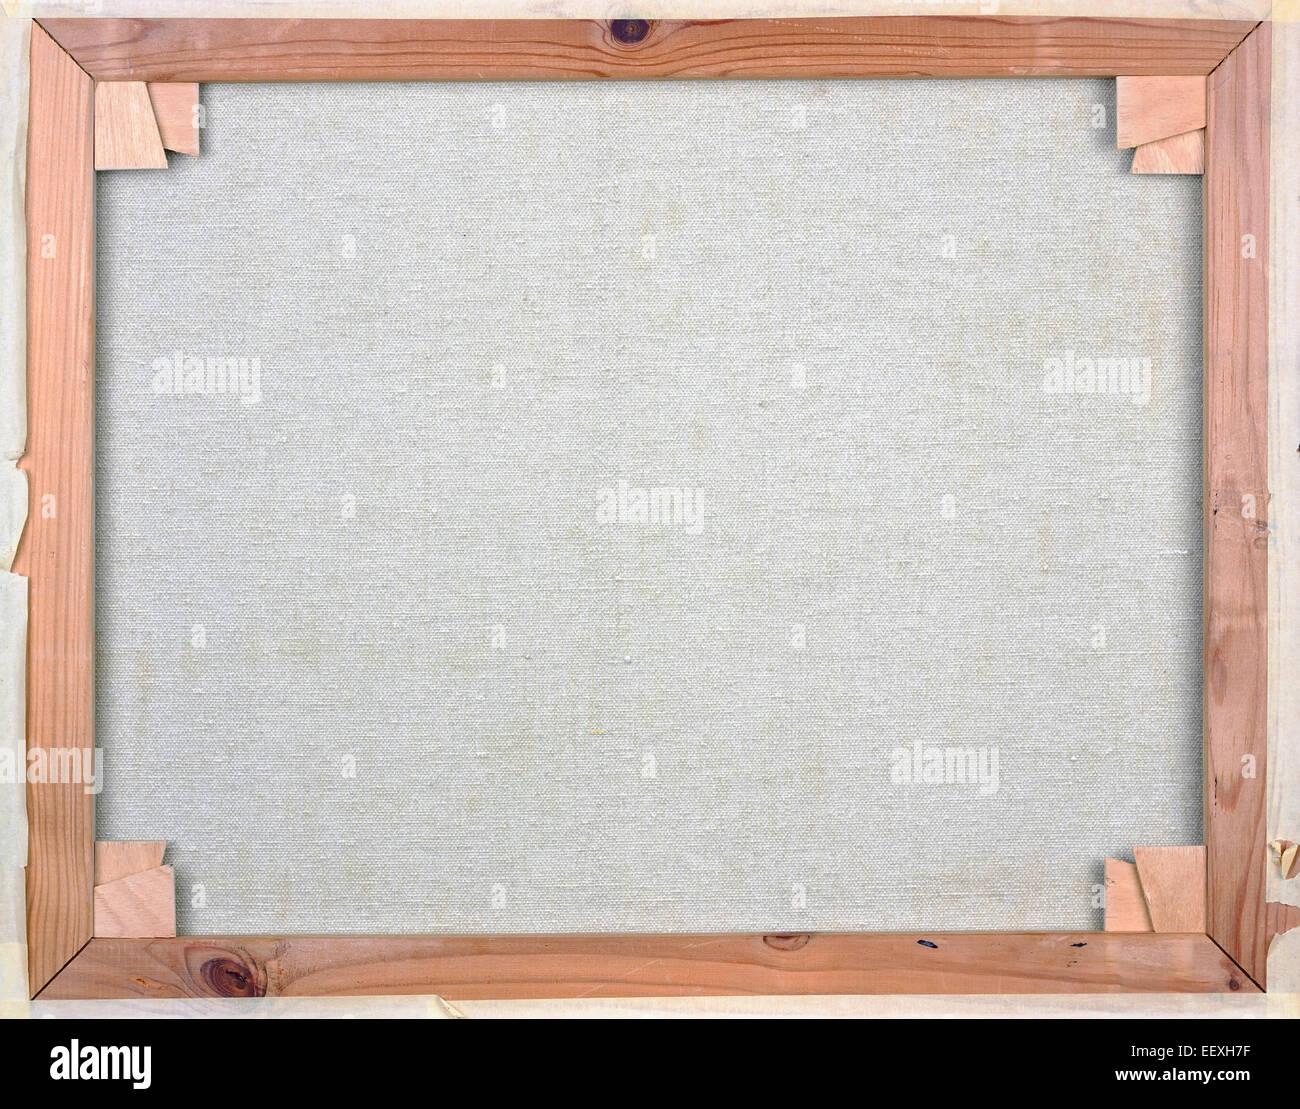 Weiße Leinwand auf Holzrahmen Rückseite Blick Kiefer Stockfoto, Bild ...